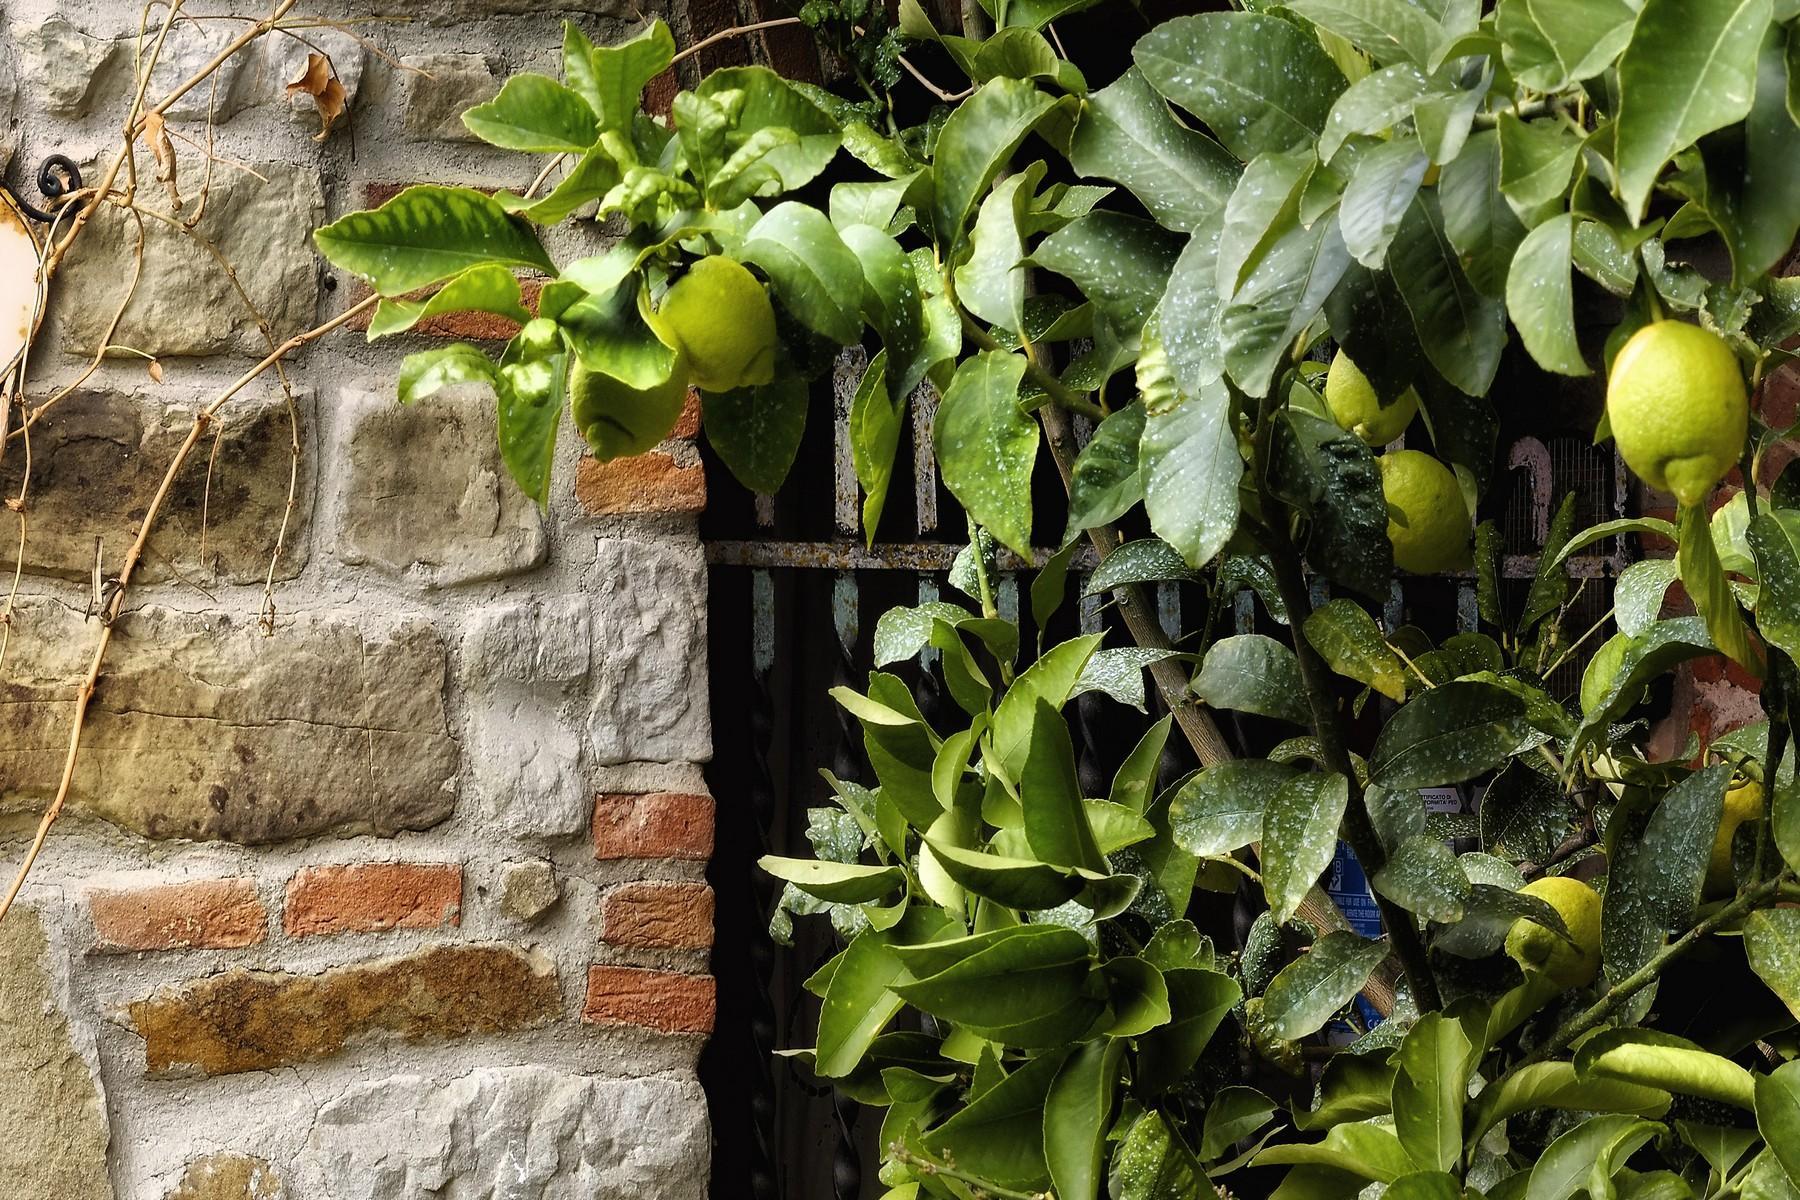 Agriturismo ed azienda agricola biodinamica nel cuore della toscana - 14